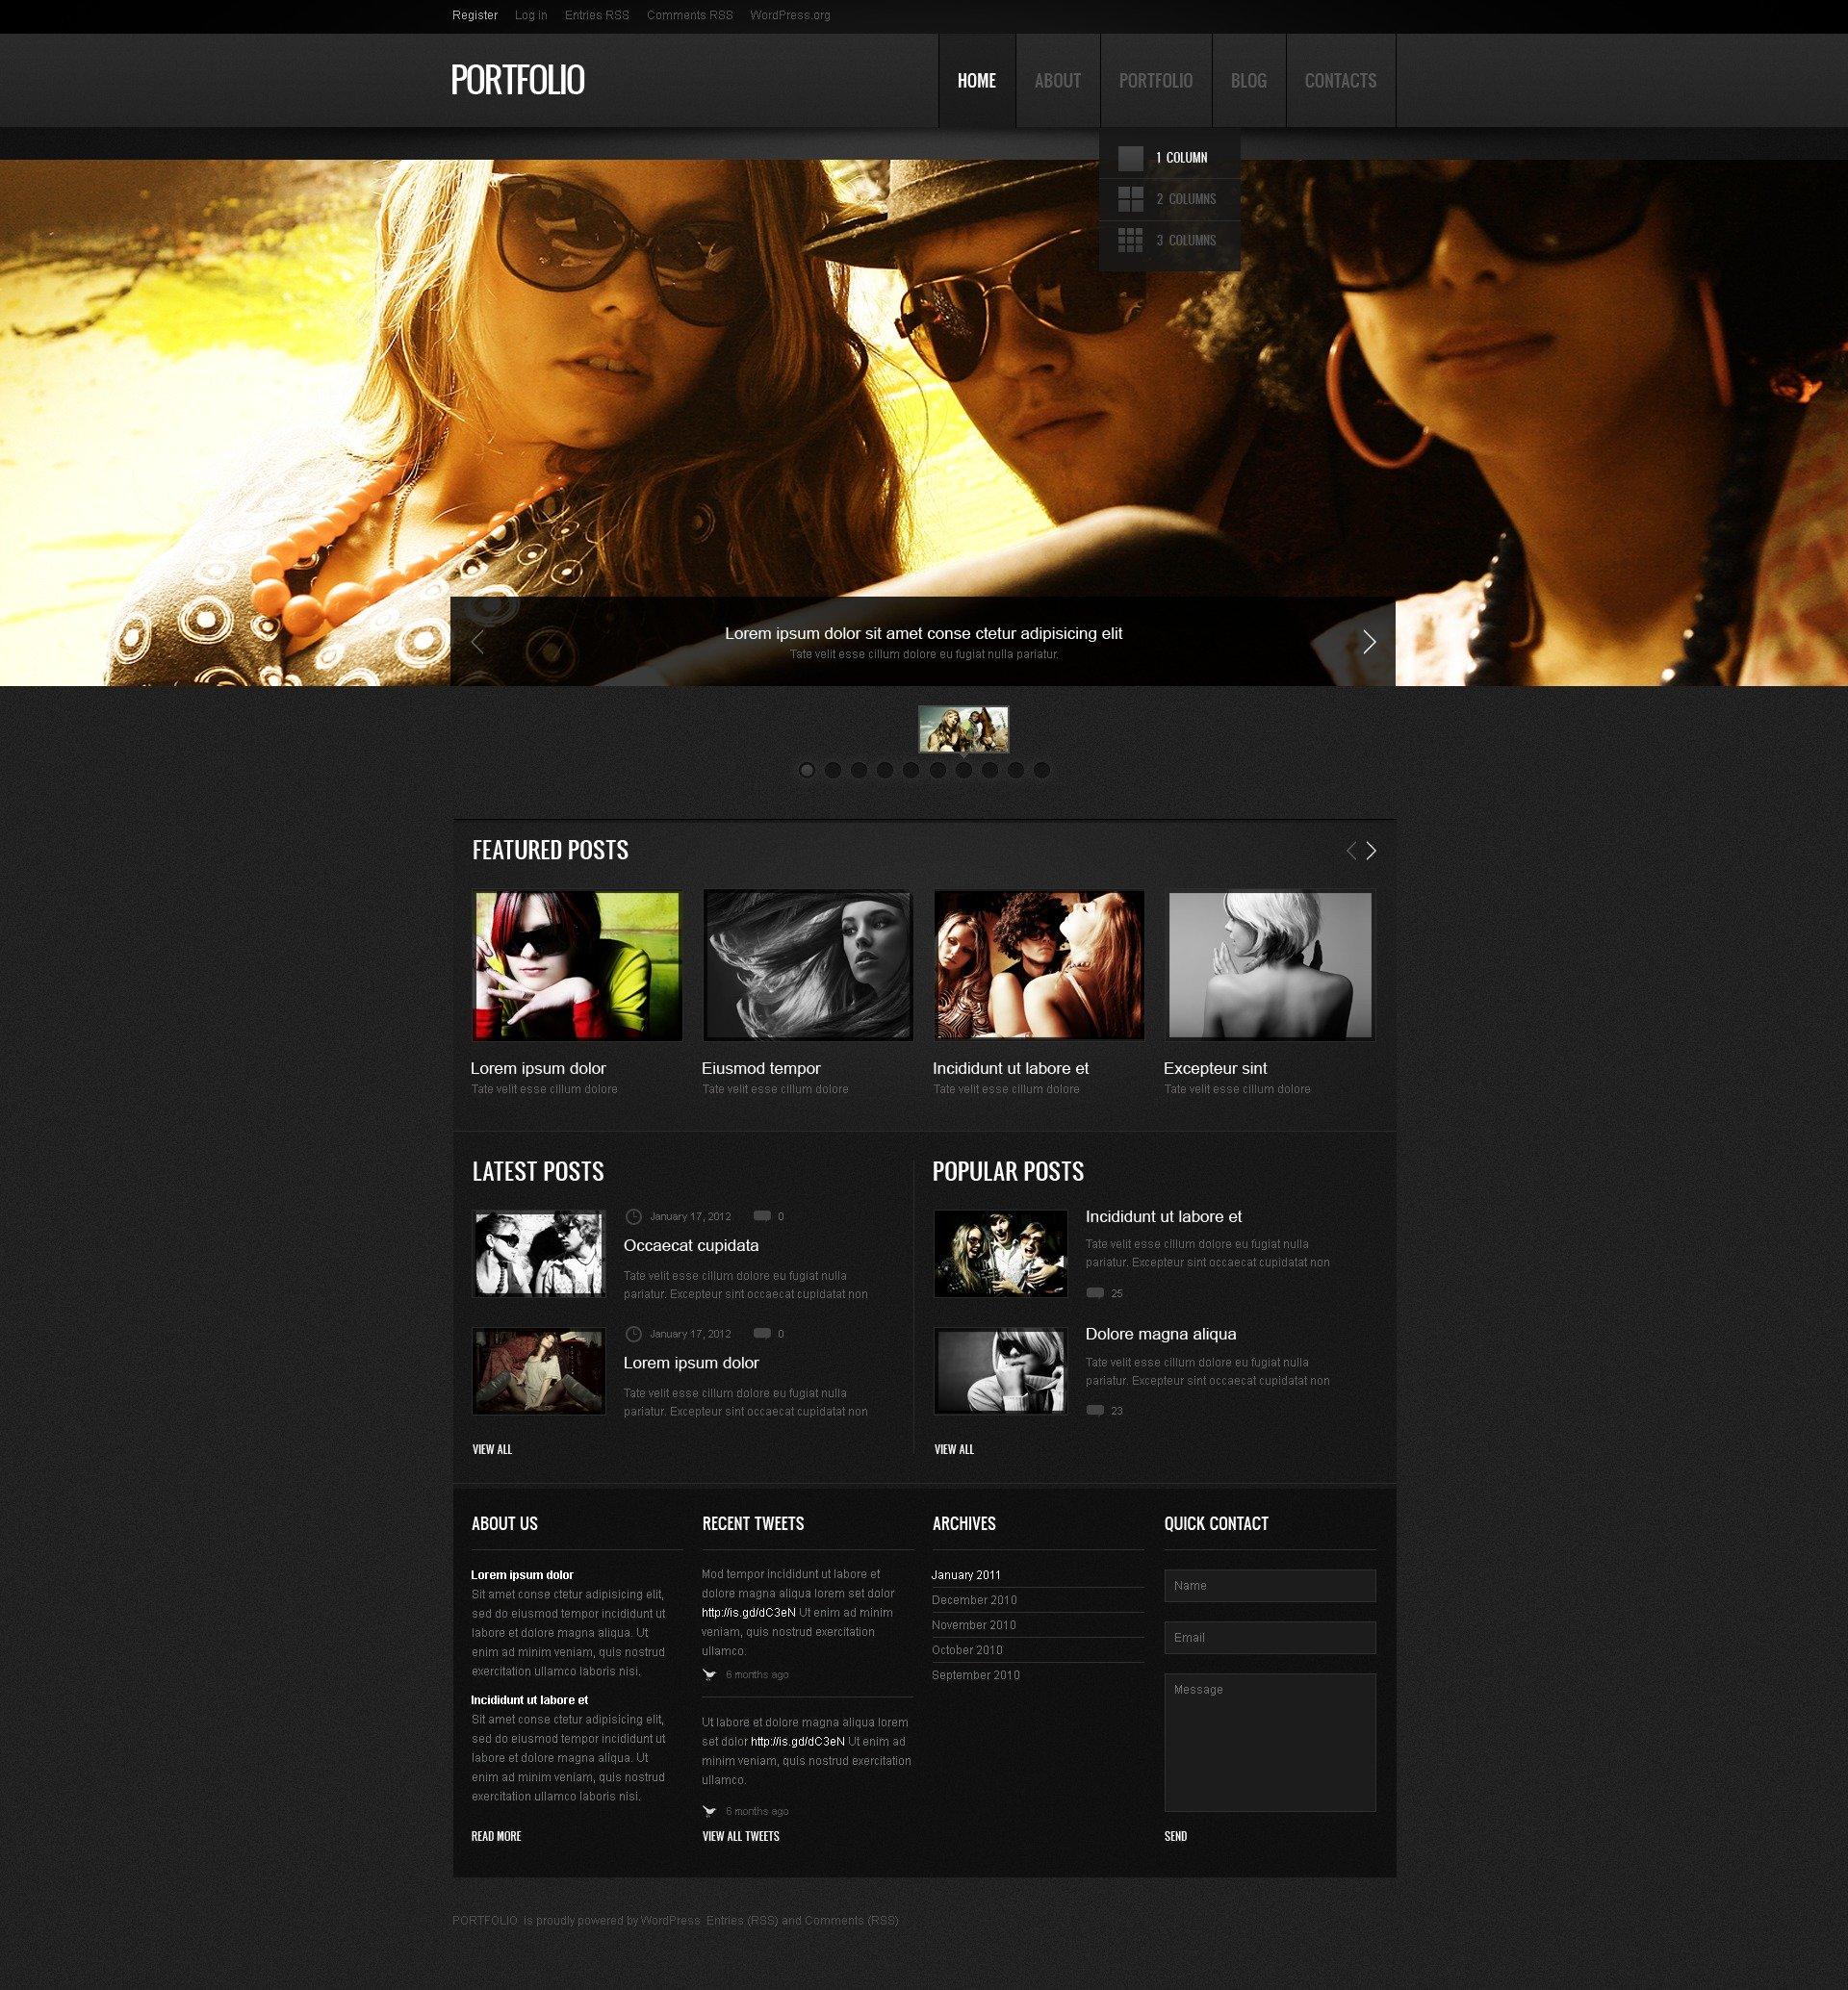 Tema De WordPress Responsive para Sitio de Portafolios de fotógrafos #40346 - captura de pantalla